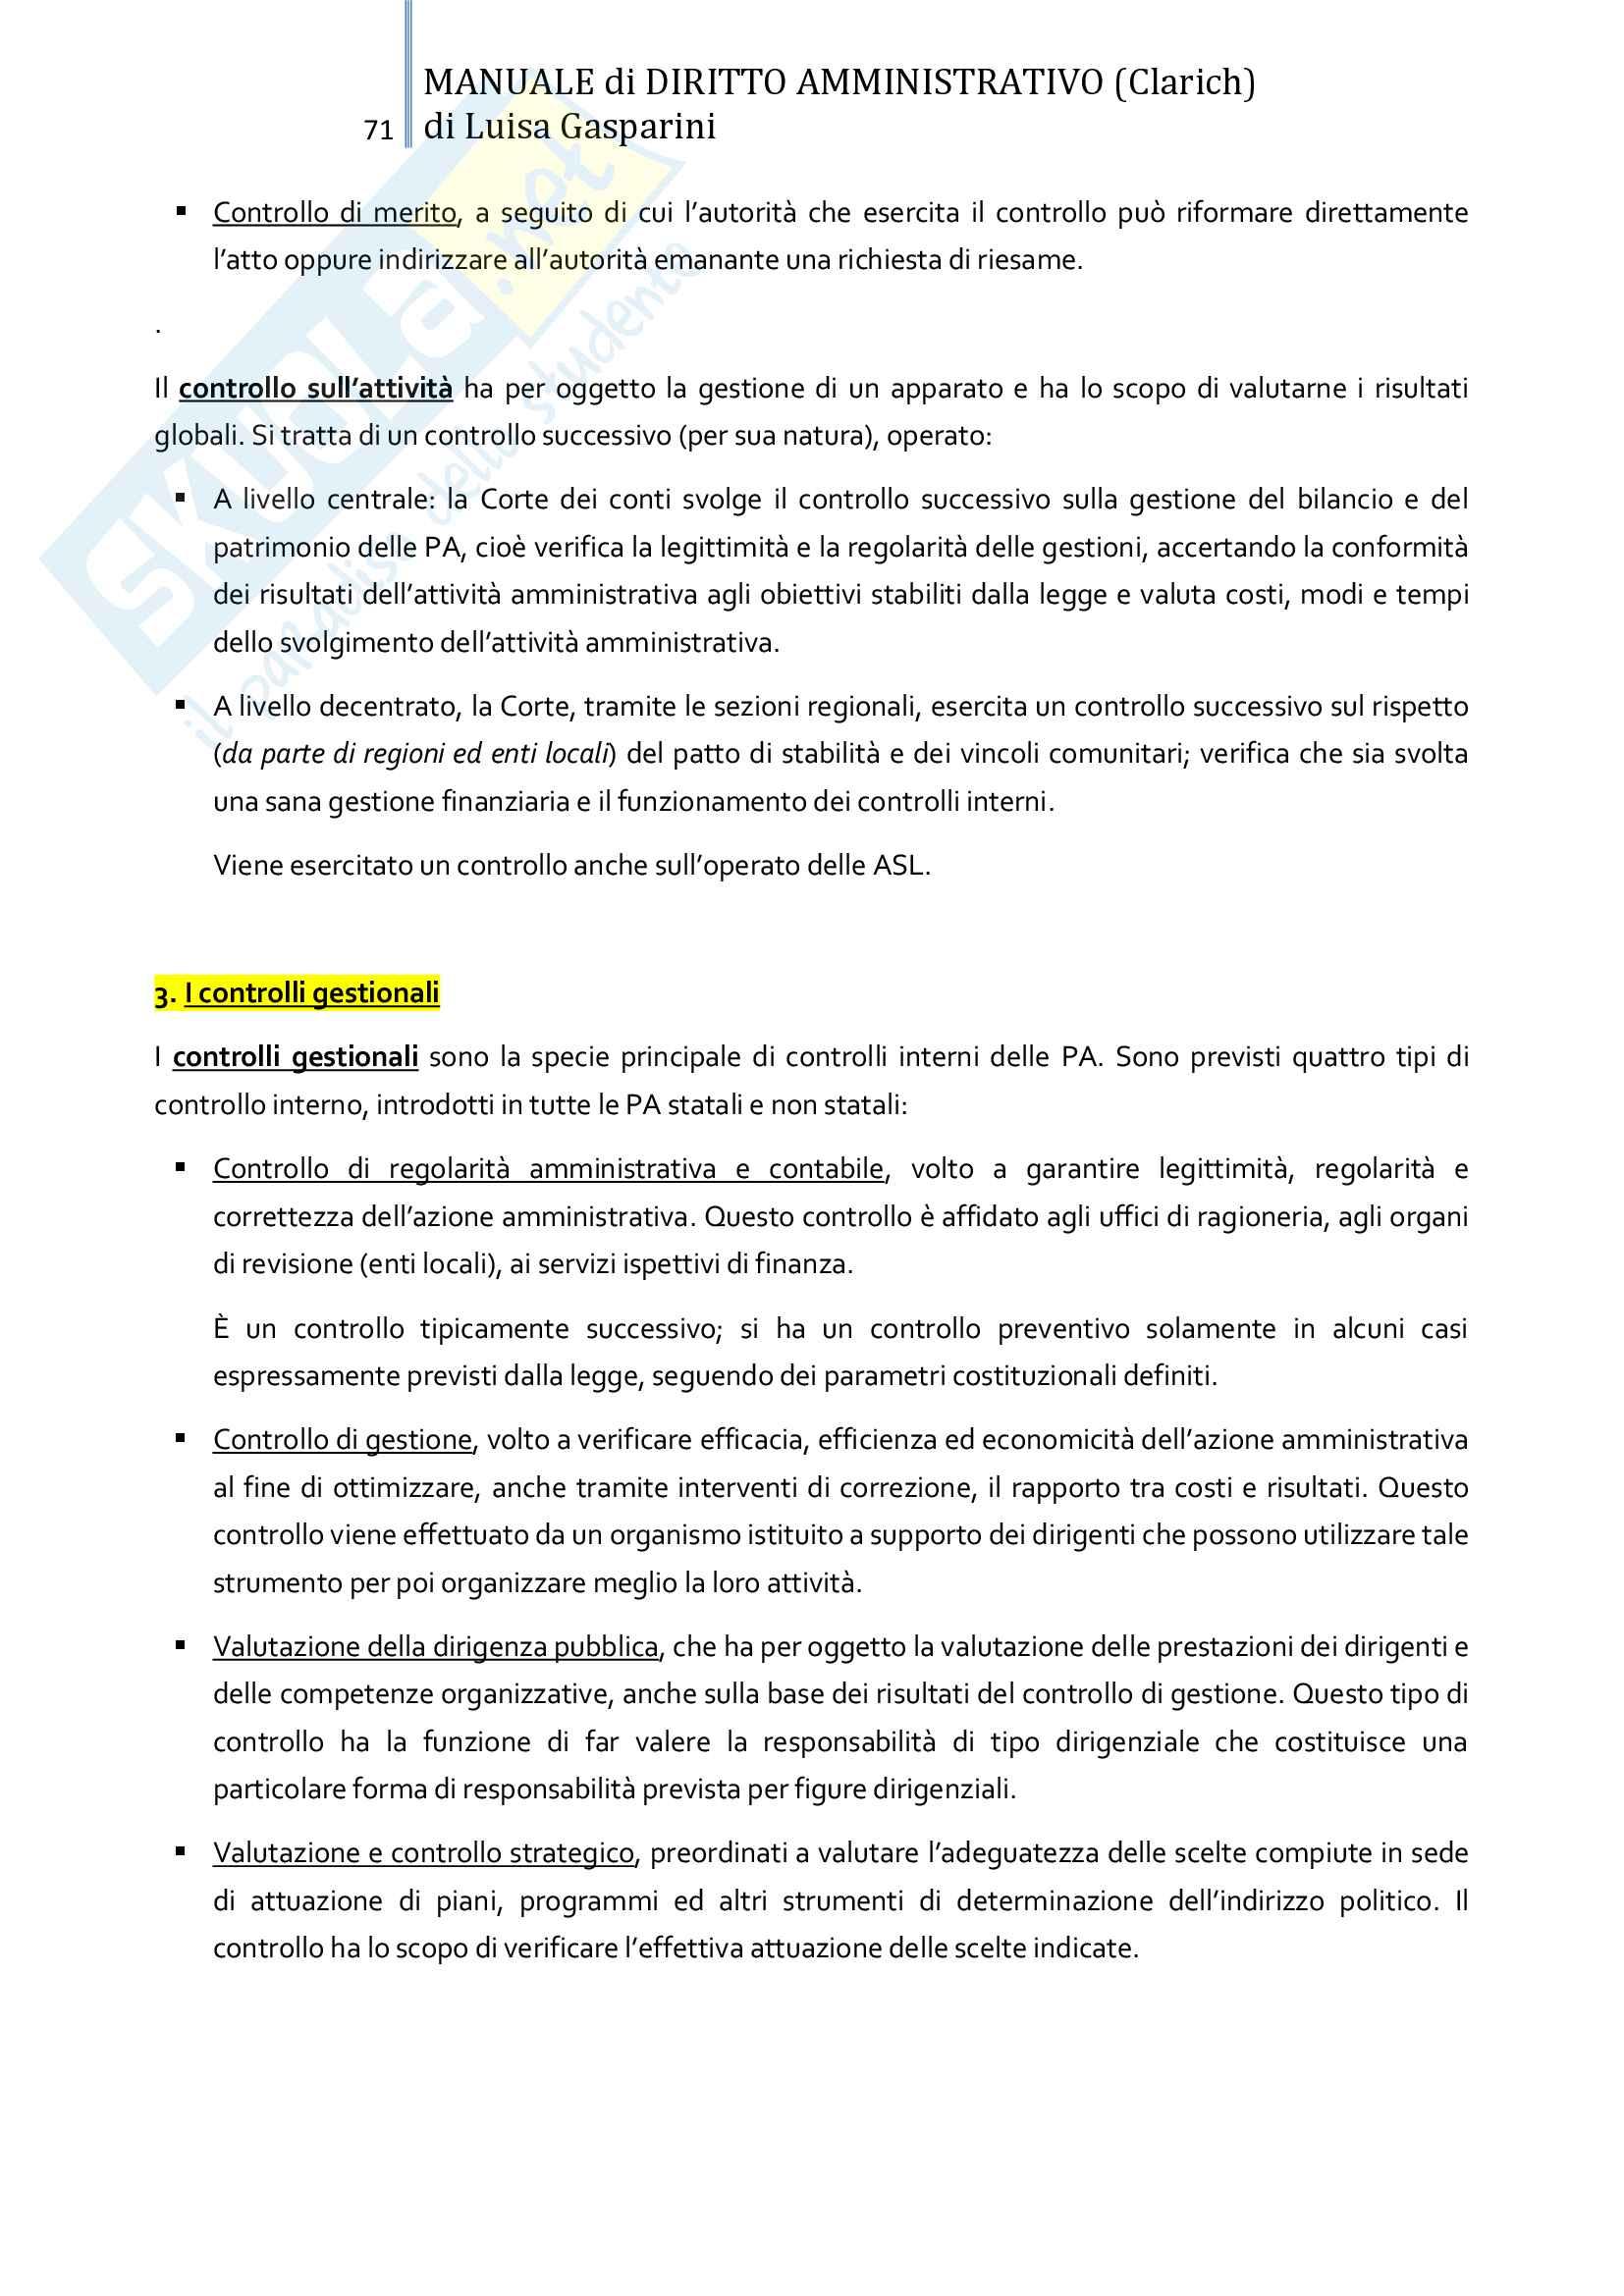 Riassunto esame Diritto amministrativo, professor Leonardi. Testo consigliato Manuale di Diritto Amministrativo, Clarich Pag. 71